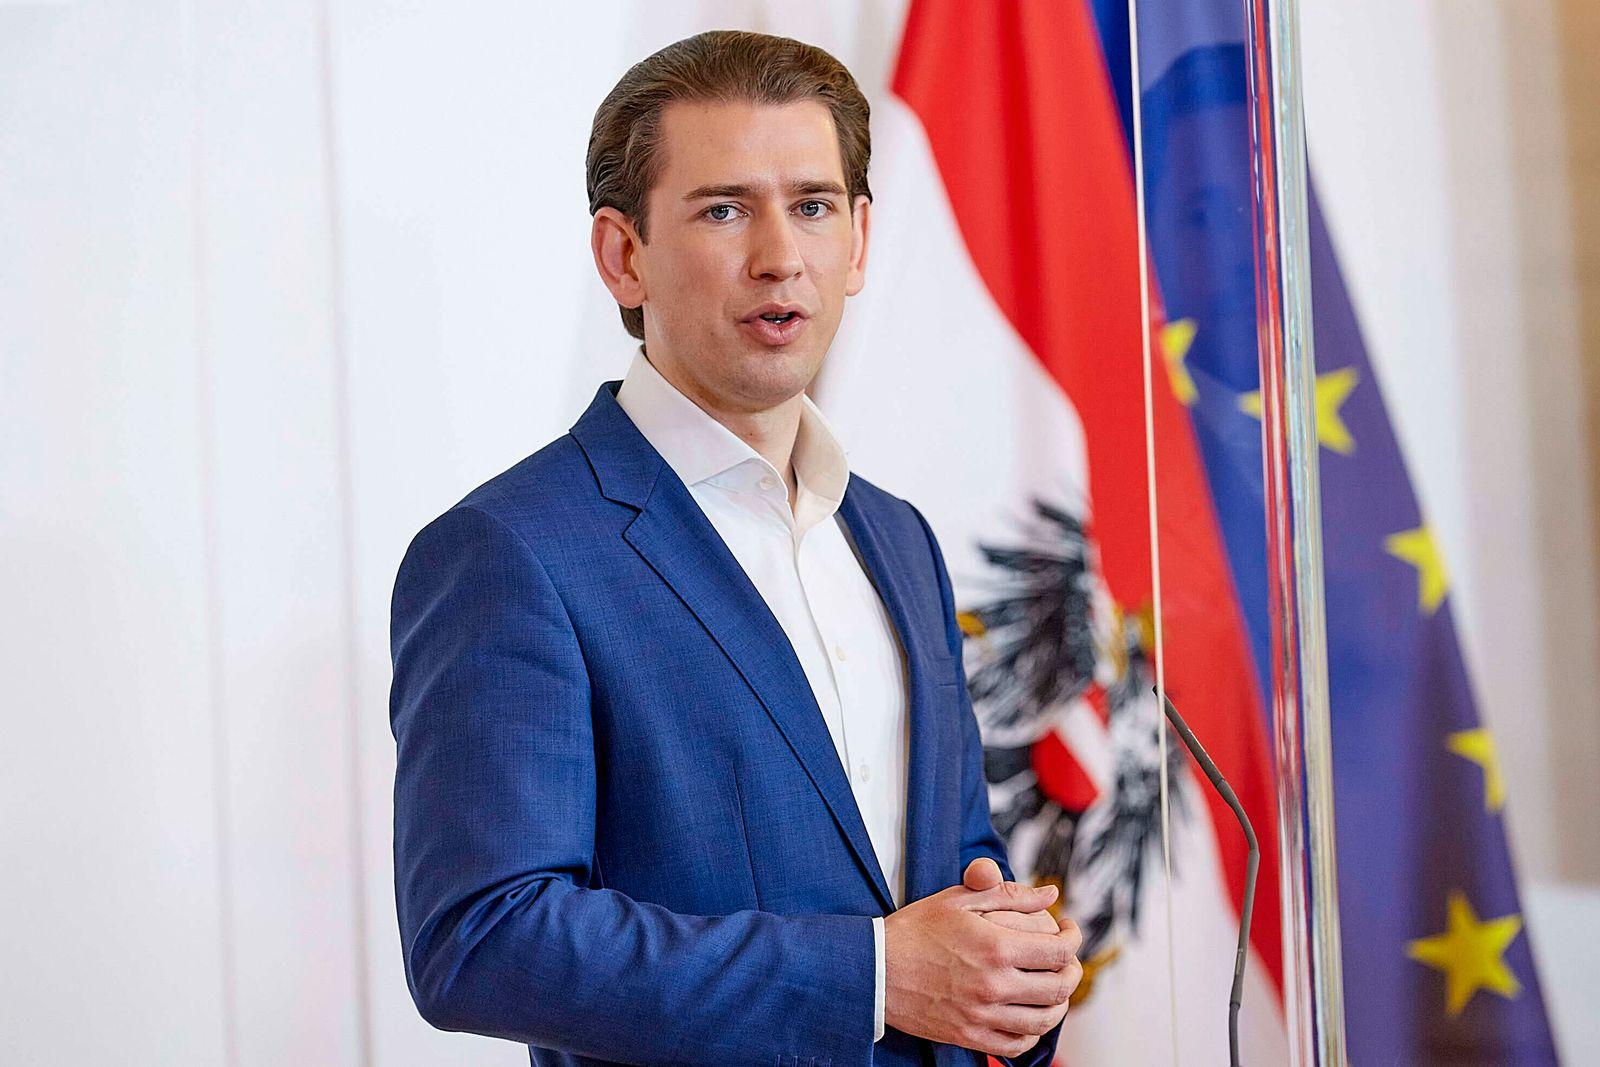 - Wien 21.05.2020 - Coronavirus Krise - Heute Mittag gab es im Bundeskanzleramt eine gemeinsame Pressekonferenz mit B